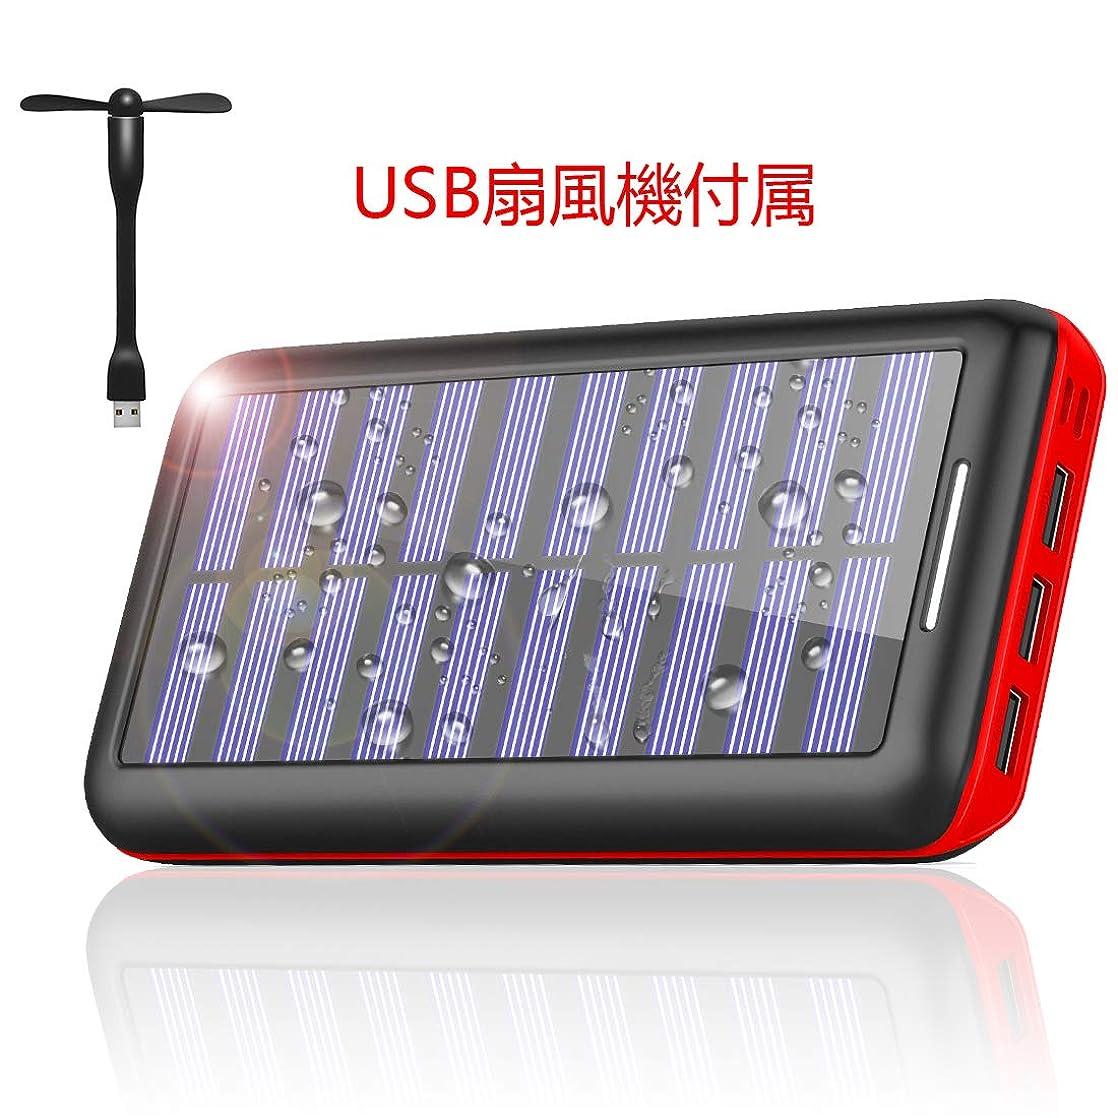 把握説得力のある意図モバイルバッテリー ソーラーチャージャー 24000mAh 大容量 急速充電 2USB入力ポート(2.1A+2.1A) 3USB出力ポート(2.4A+2.4A+2.4A) USB扇風機一本付属 Android/Apple/iPad等に対応 災害/旅行/アウトドアに大活躍 (red)